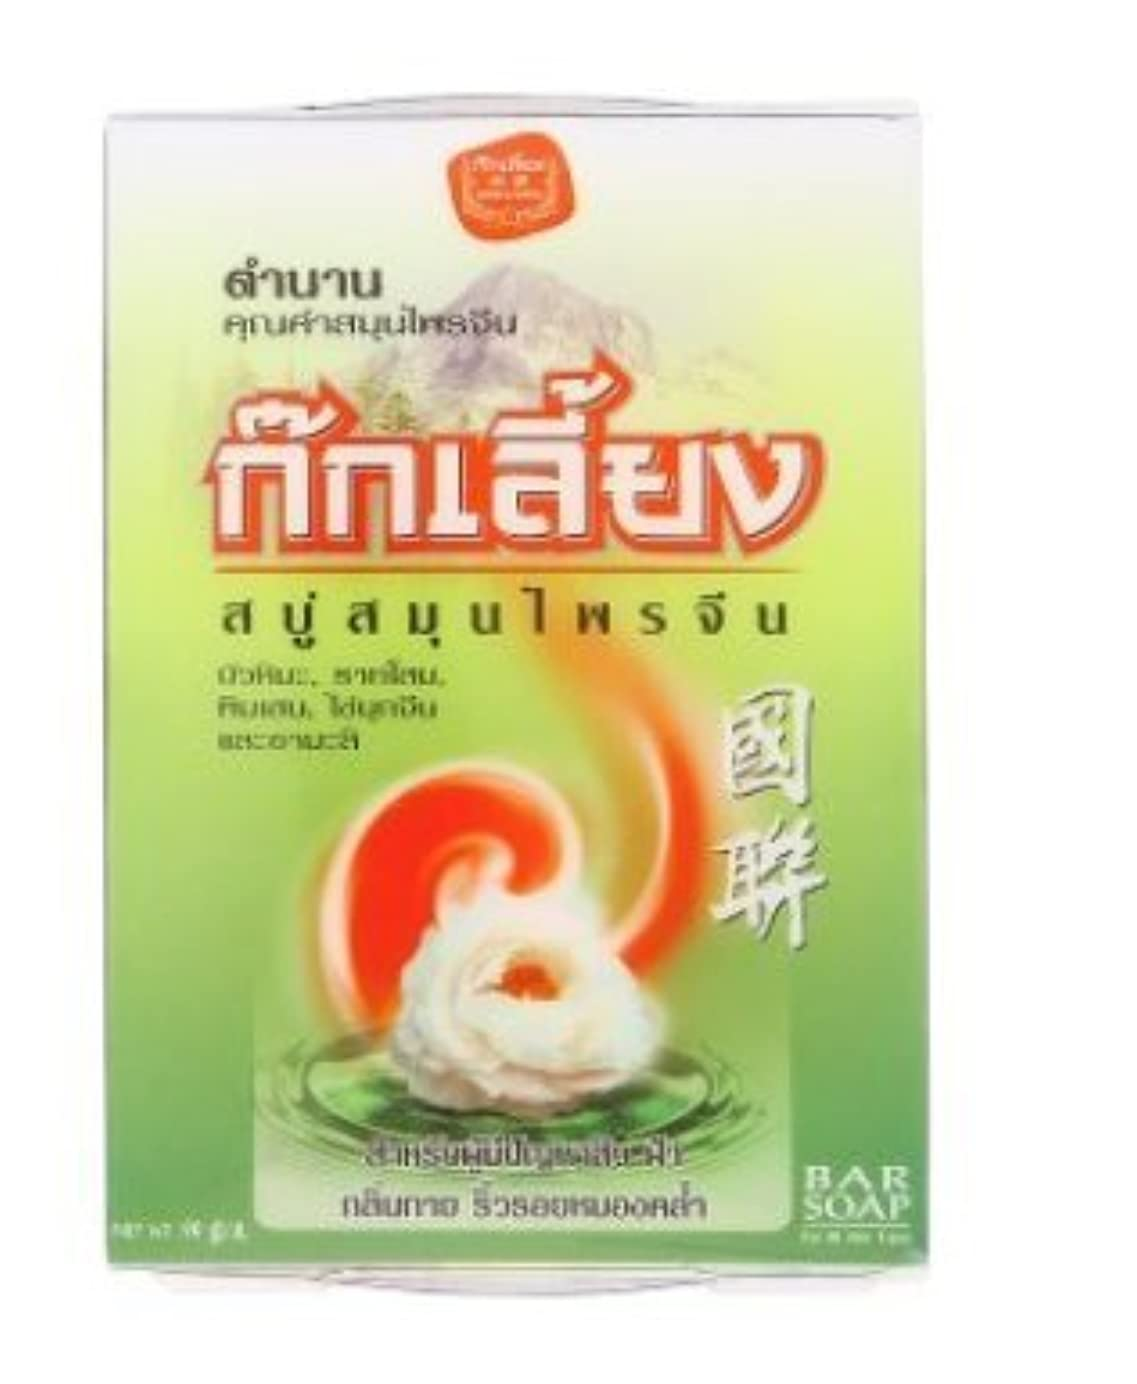 テレビトレース中世のAsian Mall 中国語 ハーブソープ 顔と体のため ( 90g x 2pcs ) / Chinese Herbal Bar Soap for Face and Body Kok Liang